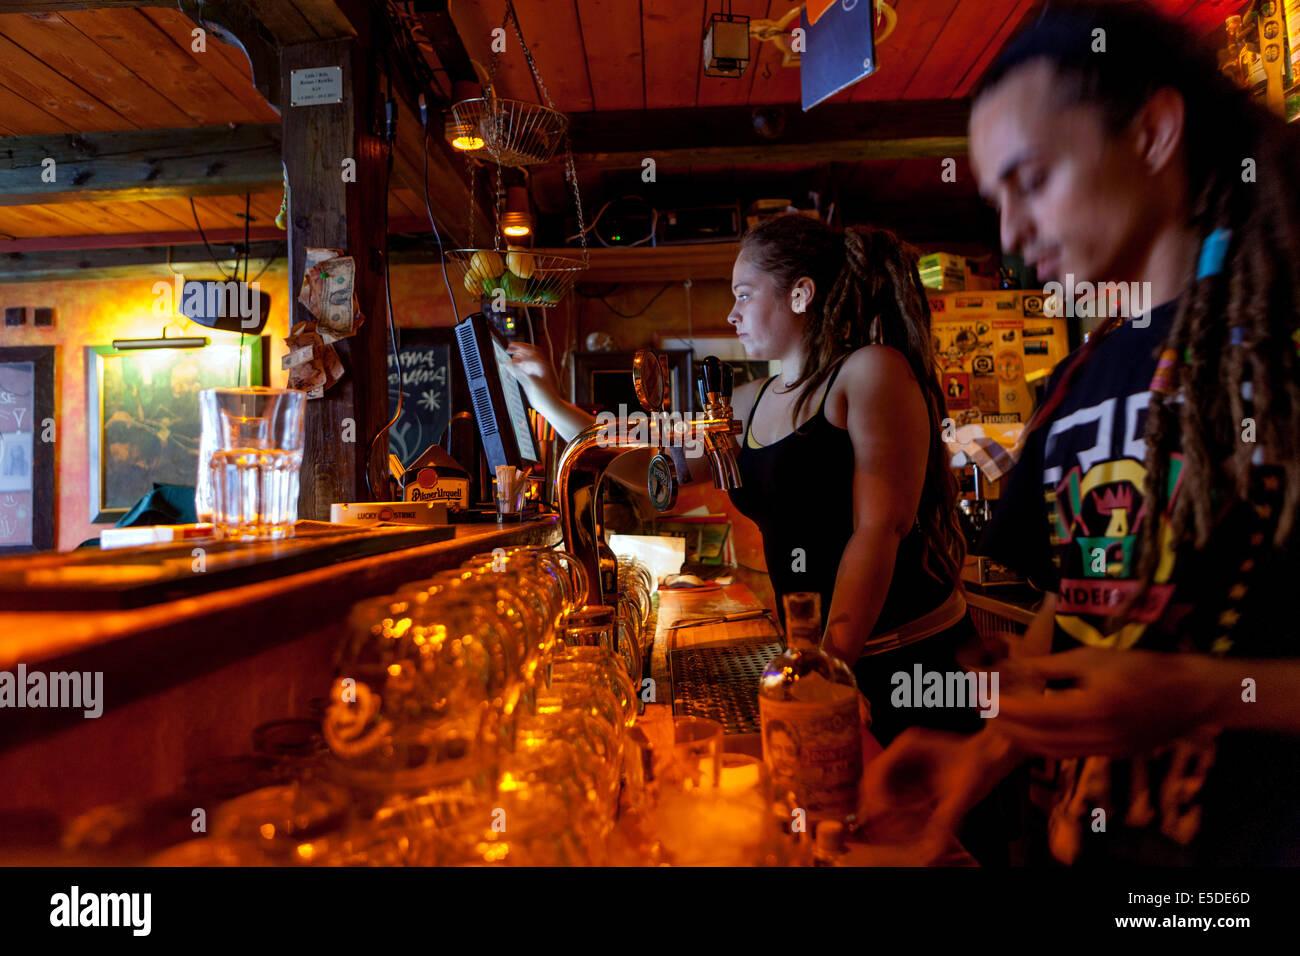 El personal del bar de Praga Znama firme, Zizkov, Praga República Checa Imagen De Stock